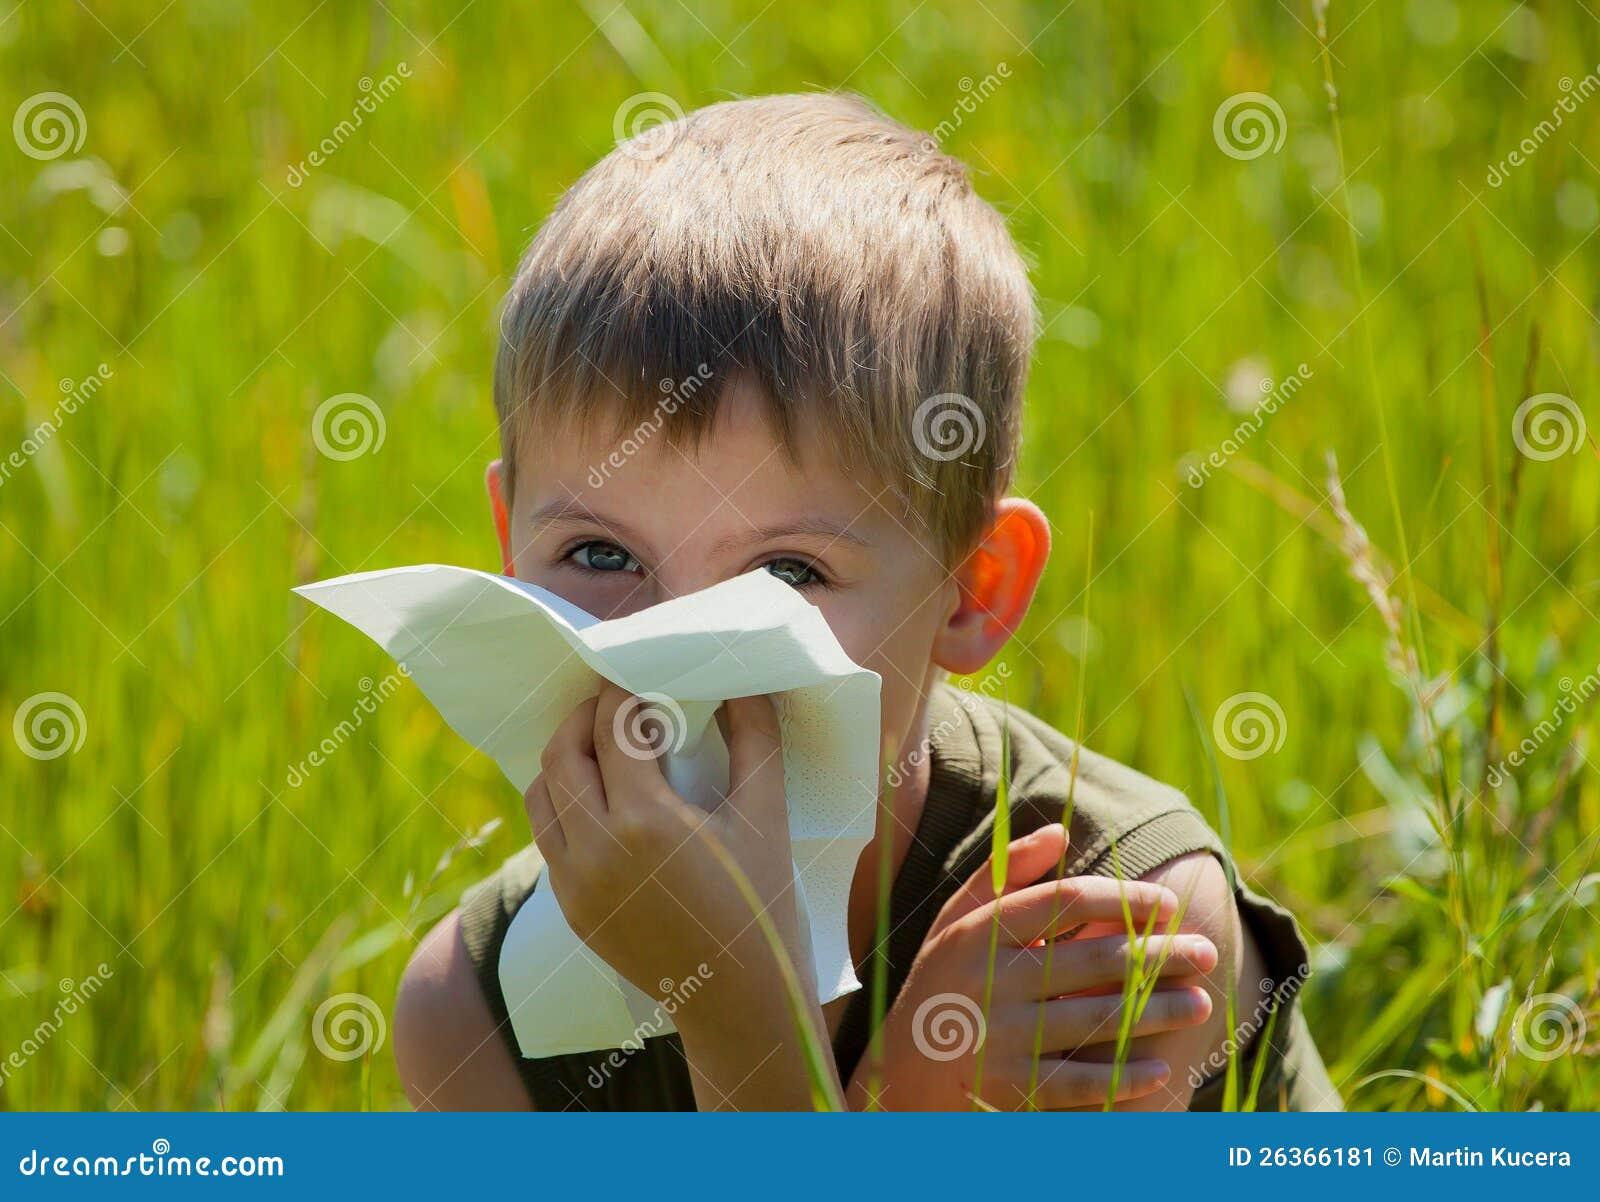 Kleiner Junge brennt seine Wekzeugspritze durch